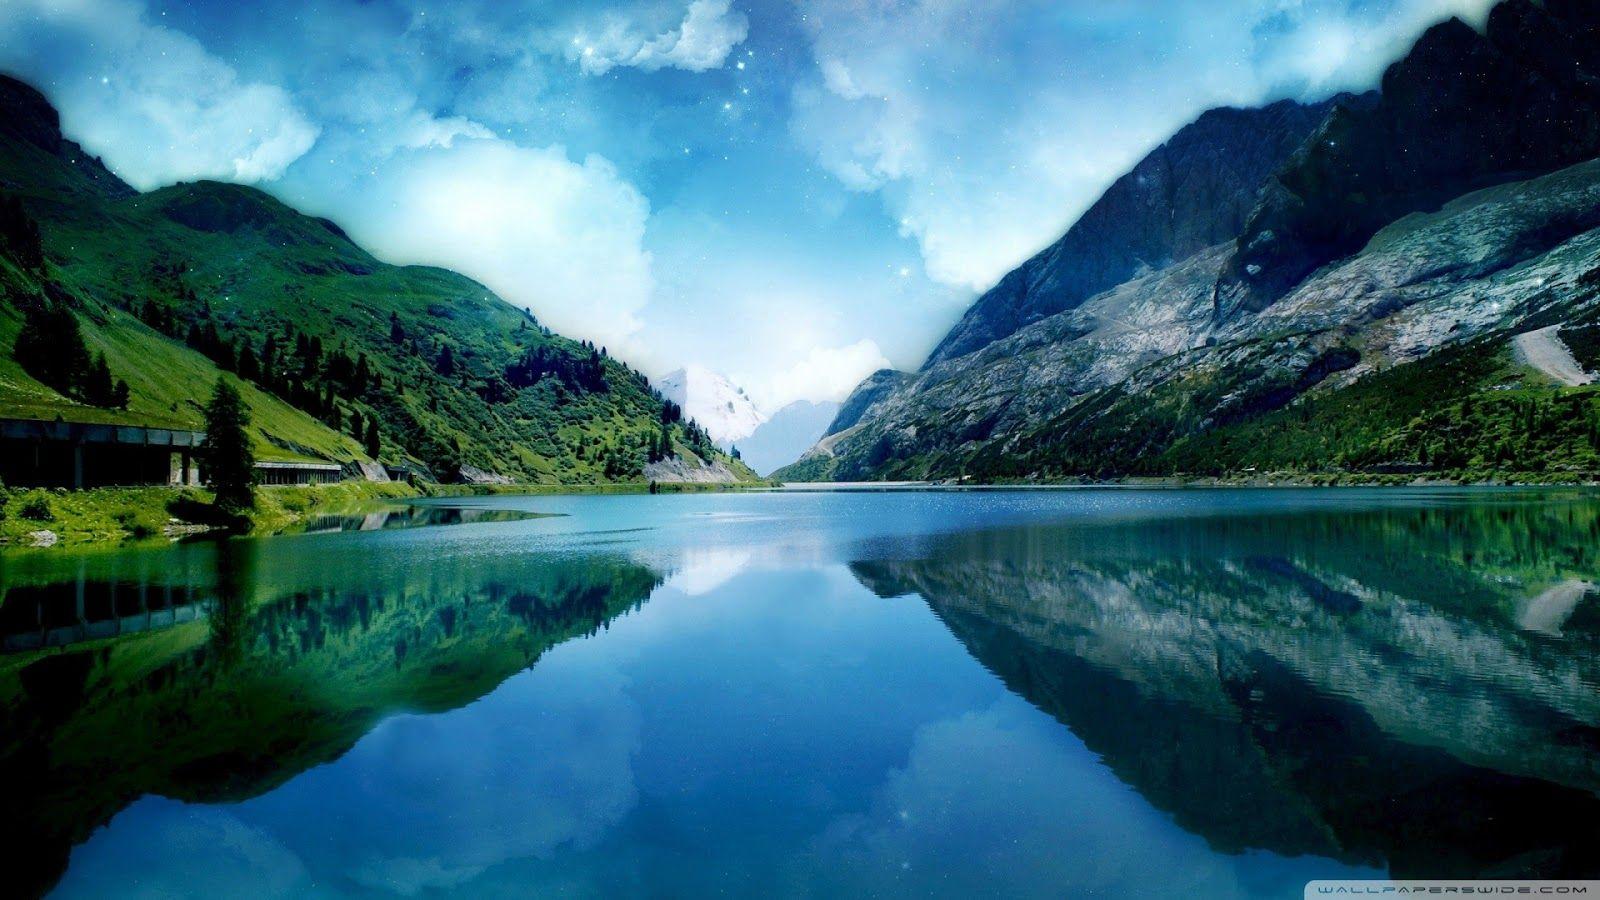 Most Beautiful Scenery World Most Beautiful Lake Wallpapers The Most Beautiful Scenery In Hd Nature Wallpapers Landscape Wallpaper Nature Wallpaper